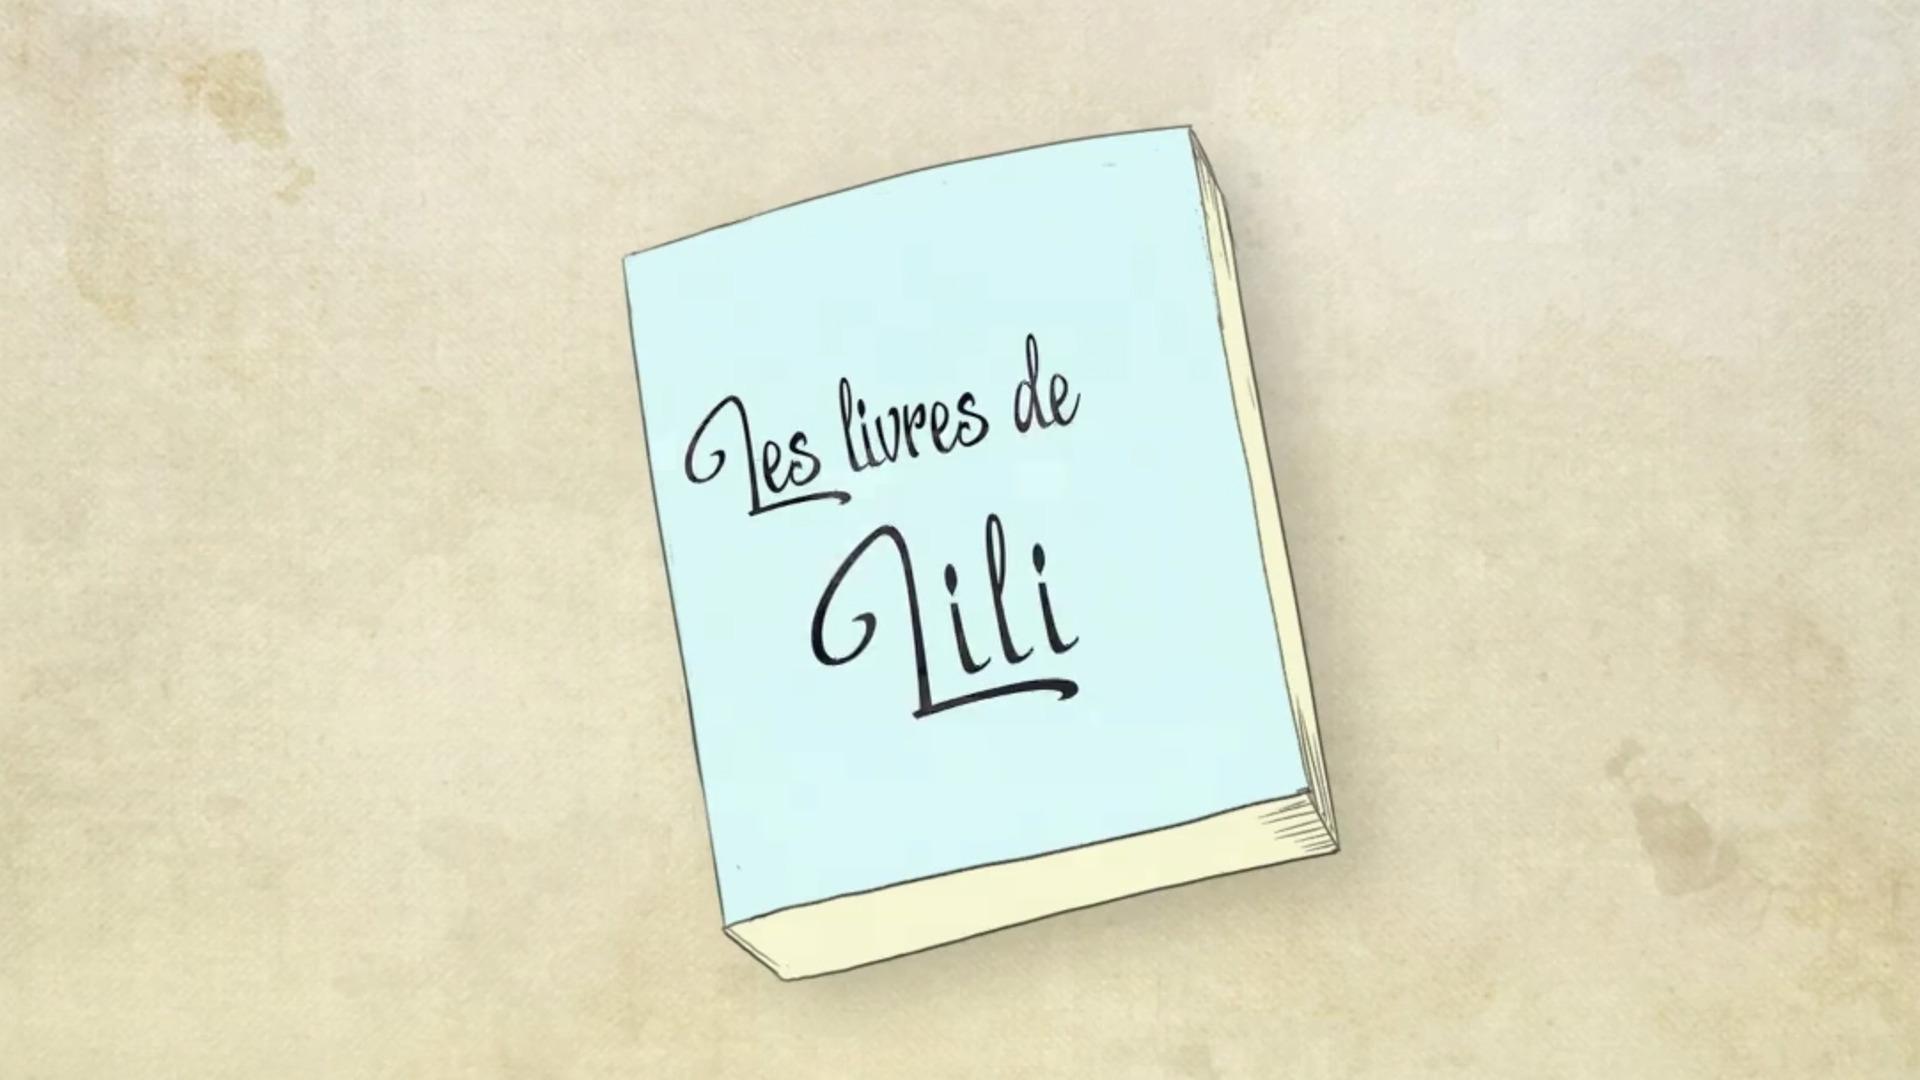 Les livres de Lili : Agoulou Granfal